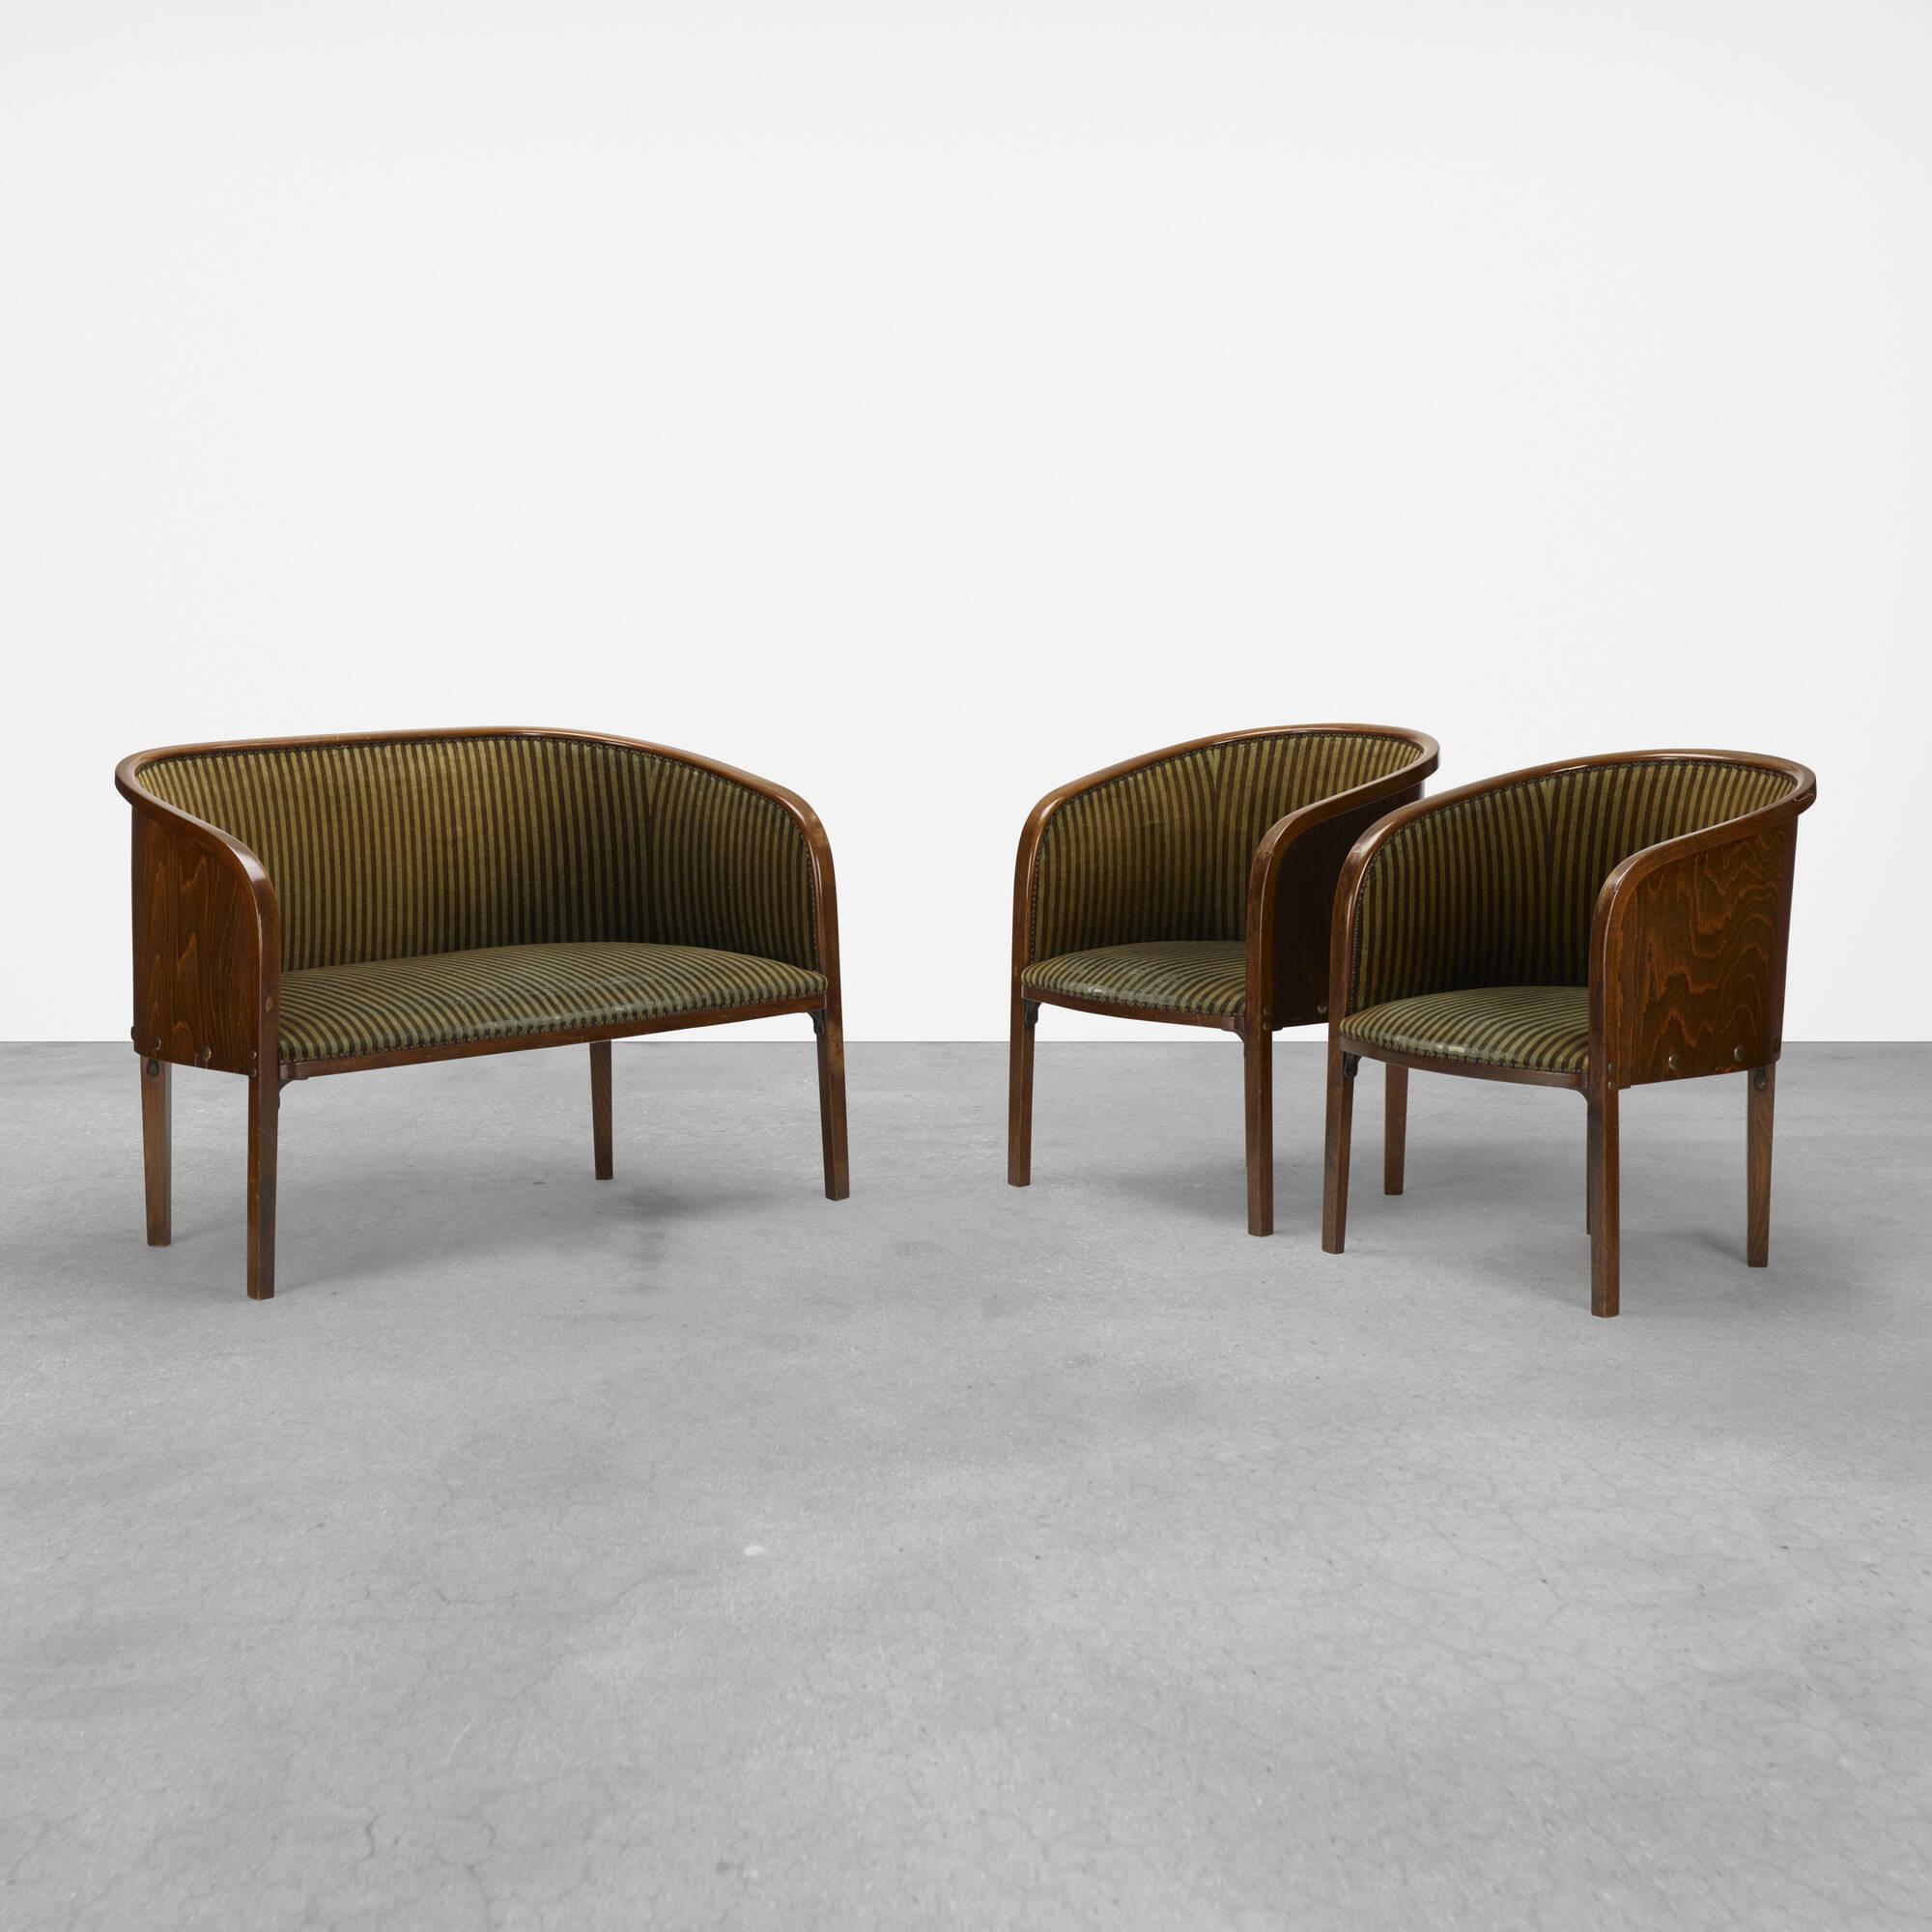 165: J. & J. Kohn / salon suite (1 of 3)